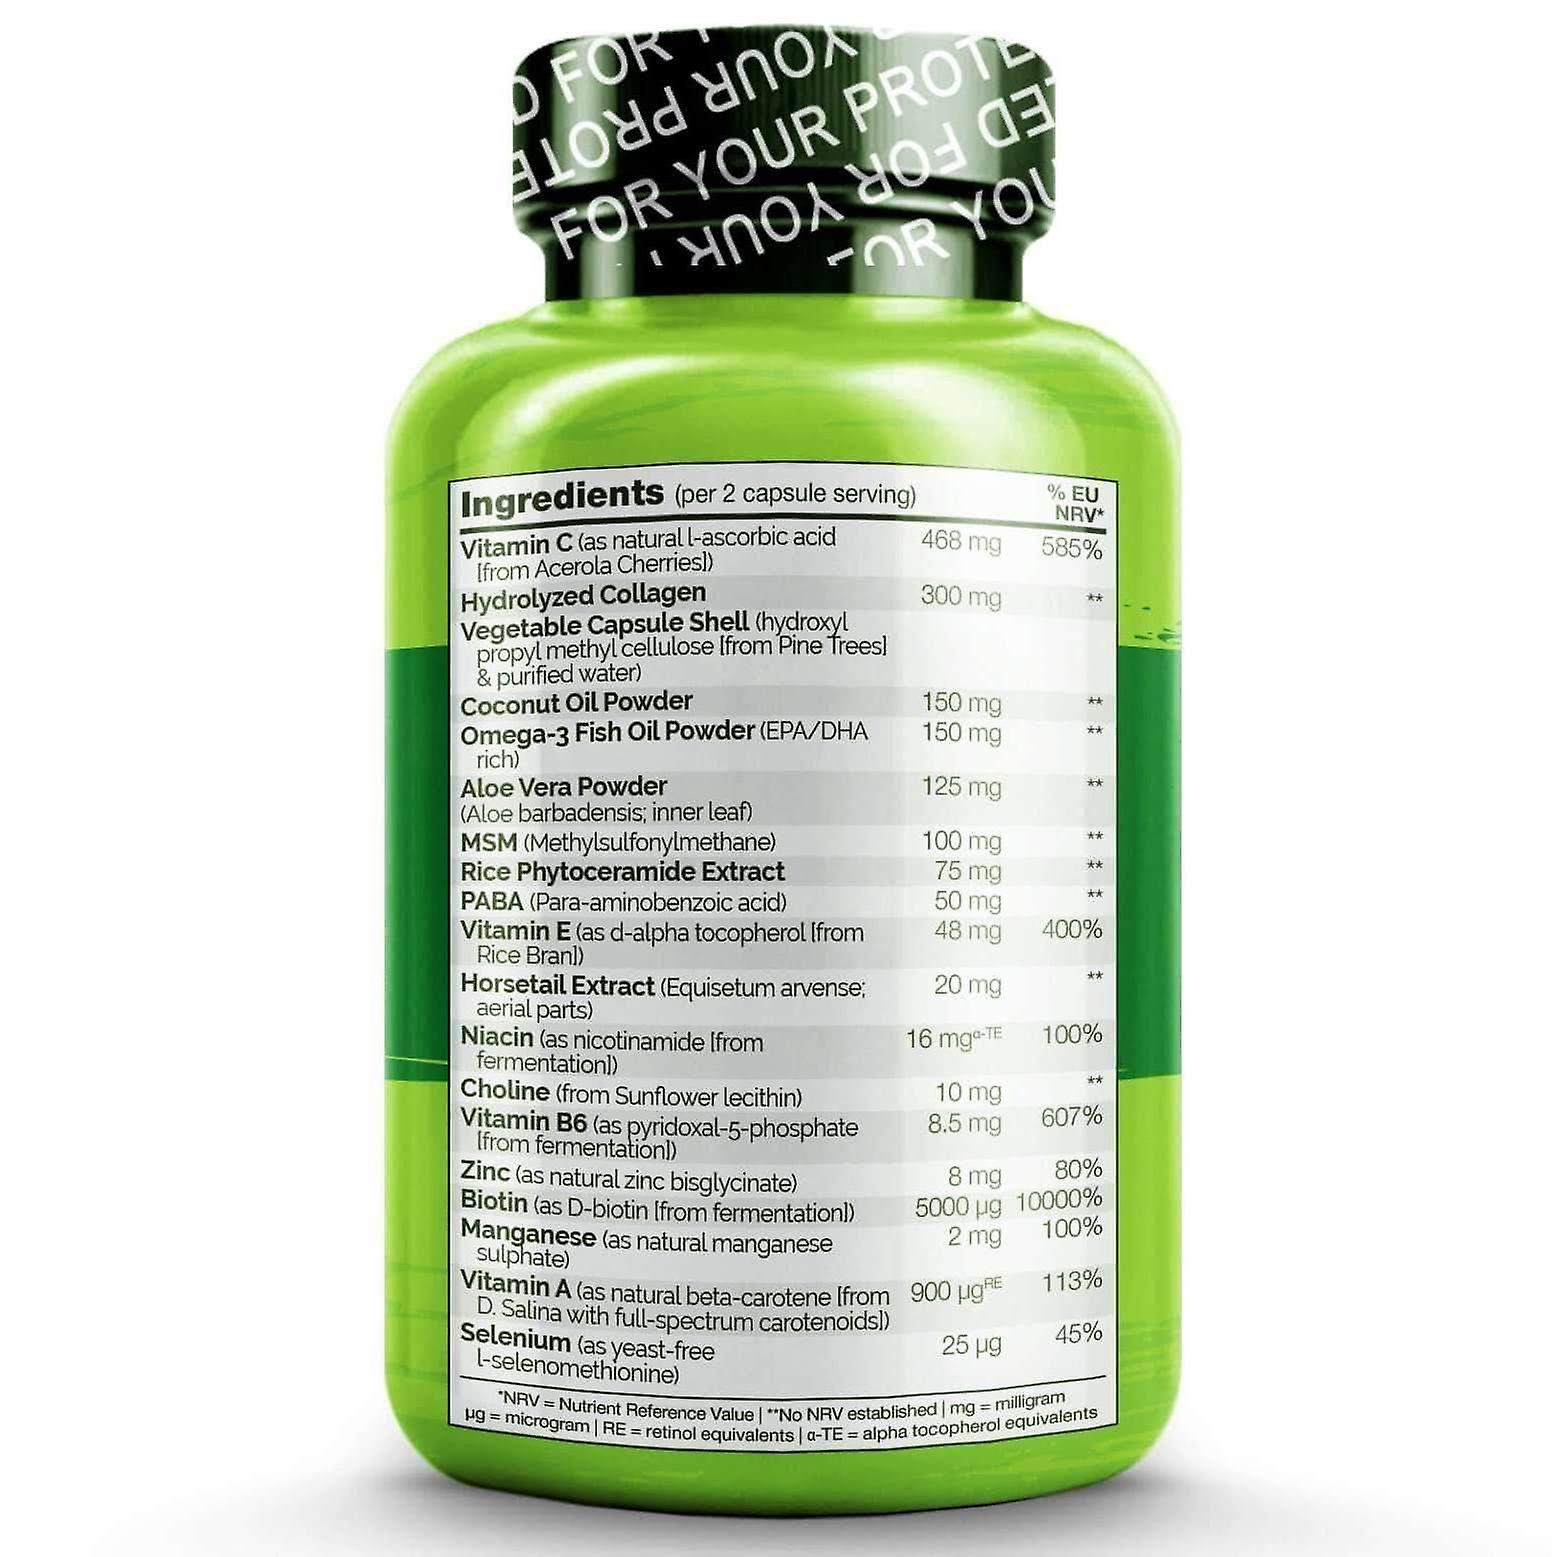 Hair, skin & nails with biotin, vitamin c & collagen